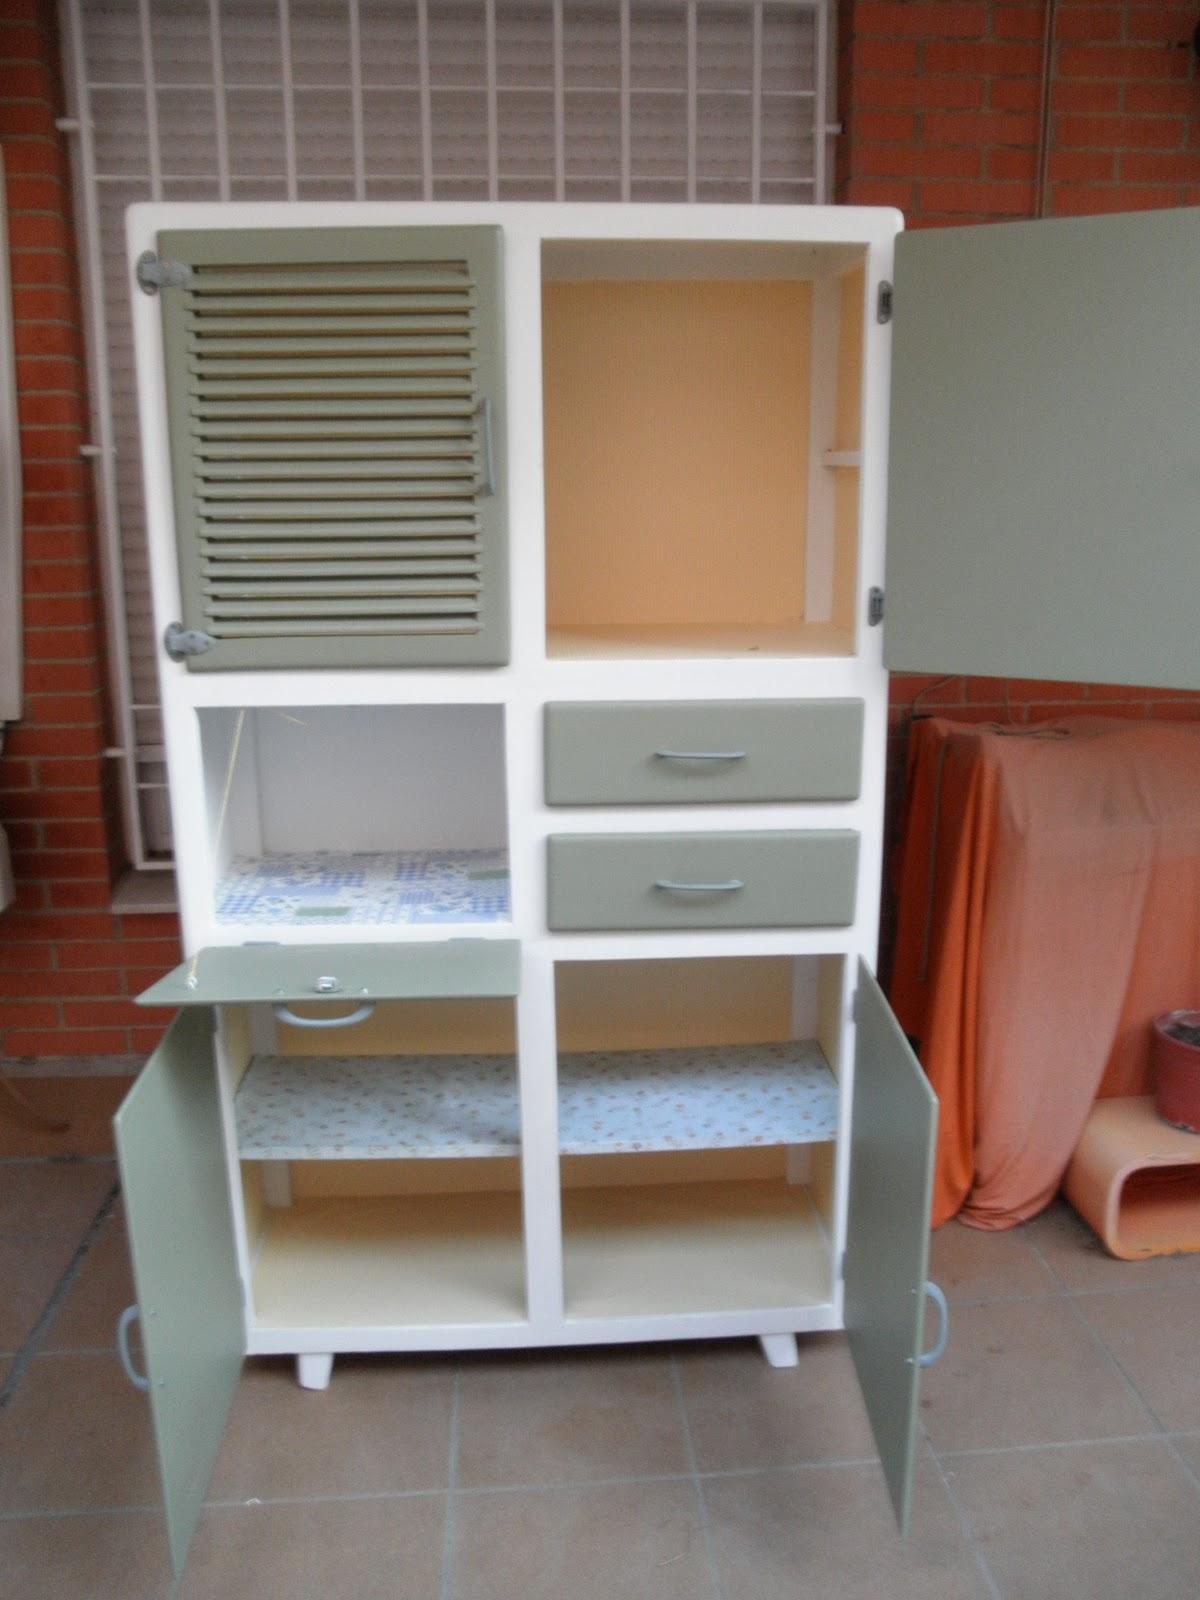 Crea vintage antes y despu s de un mueble de cocina - Pintar muebles de cocina antes y despues ...